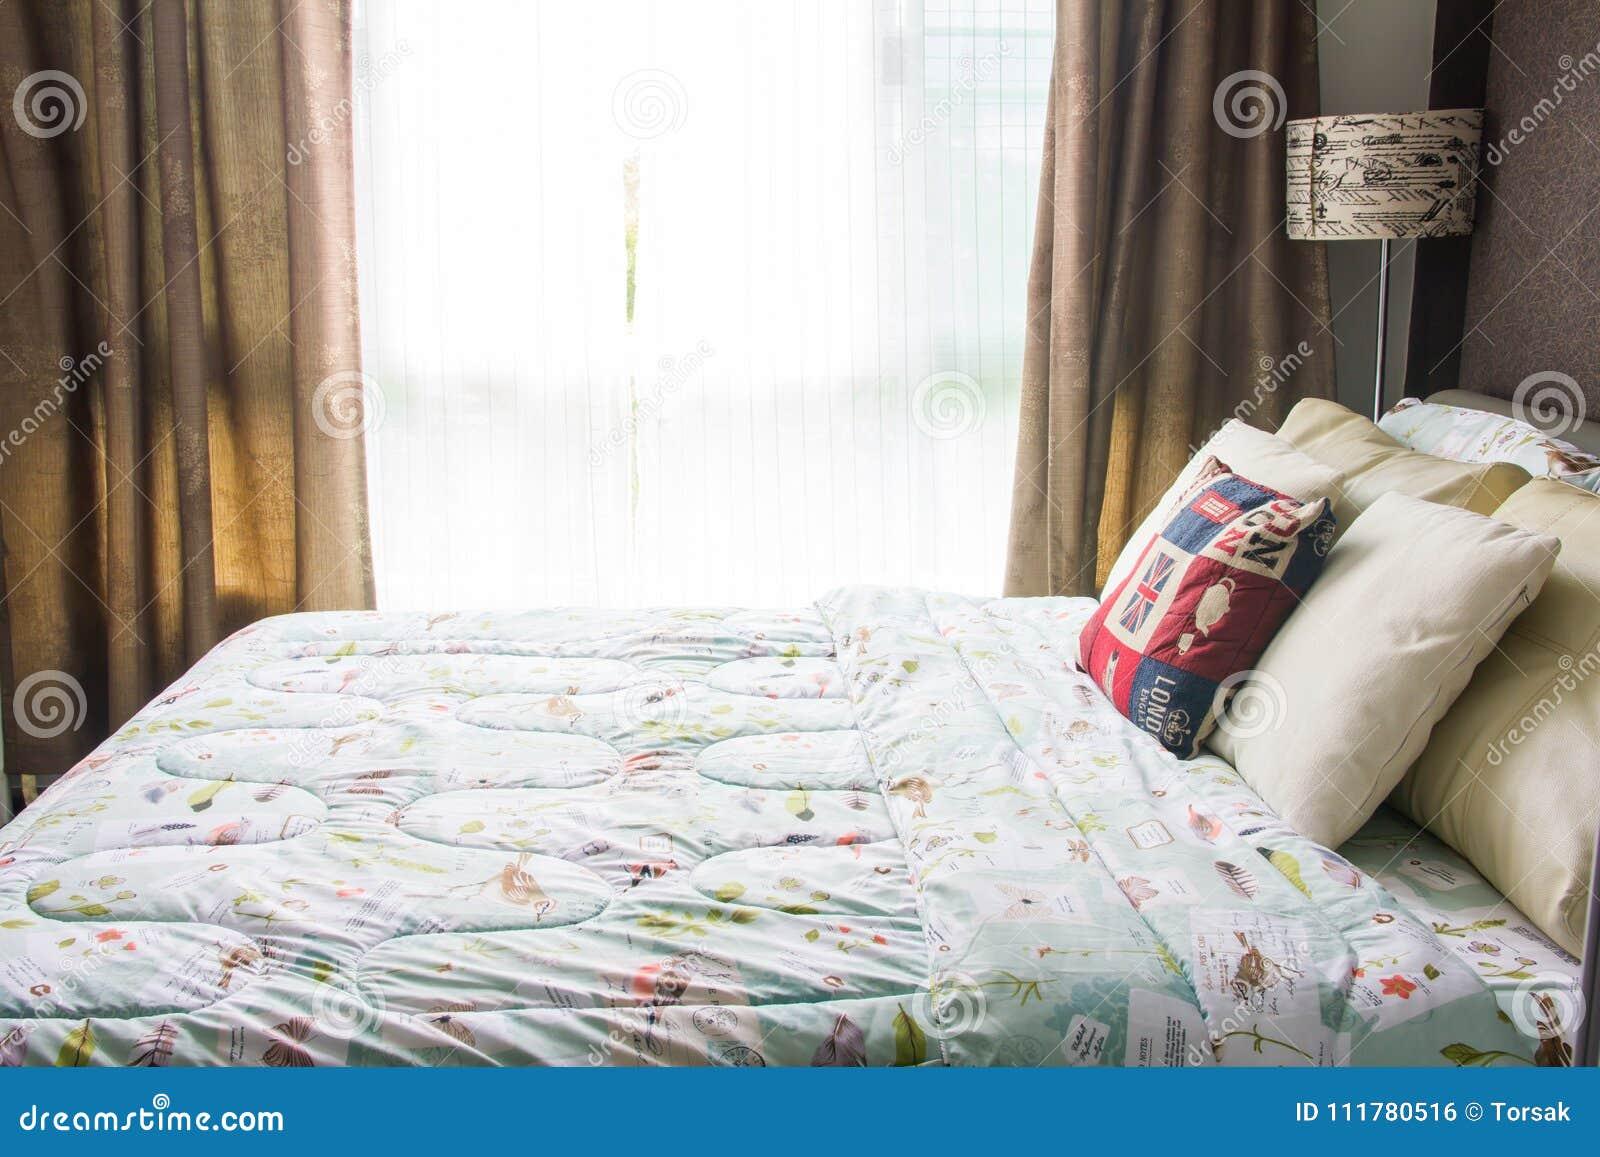 Empty modern bed in bedroom